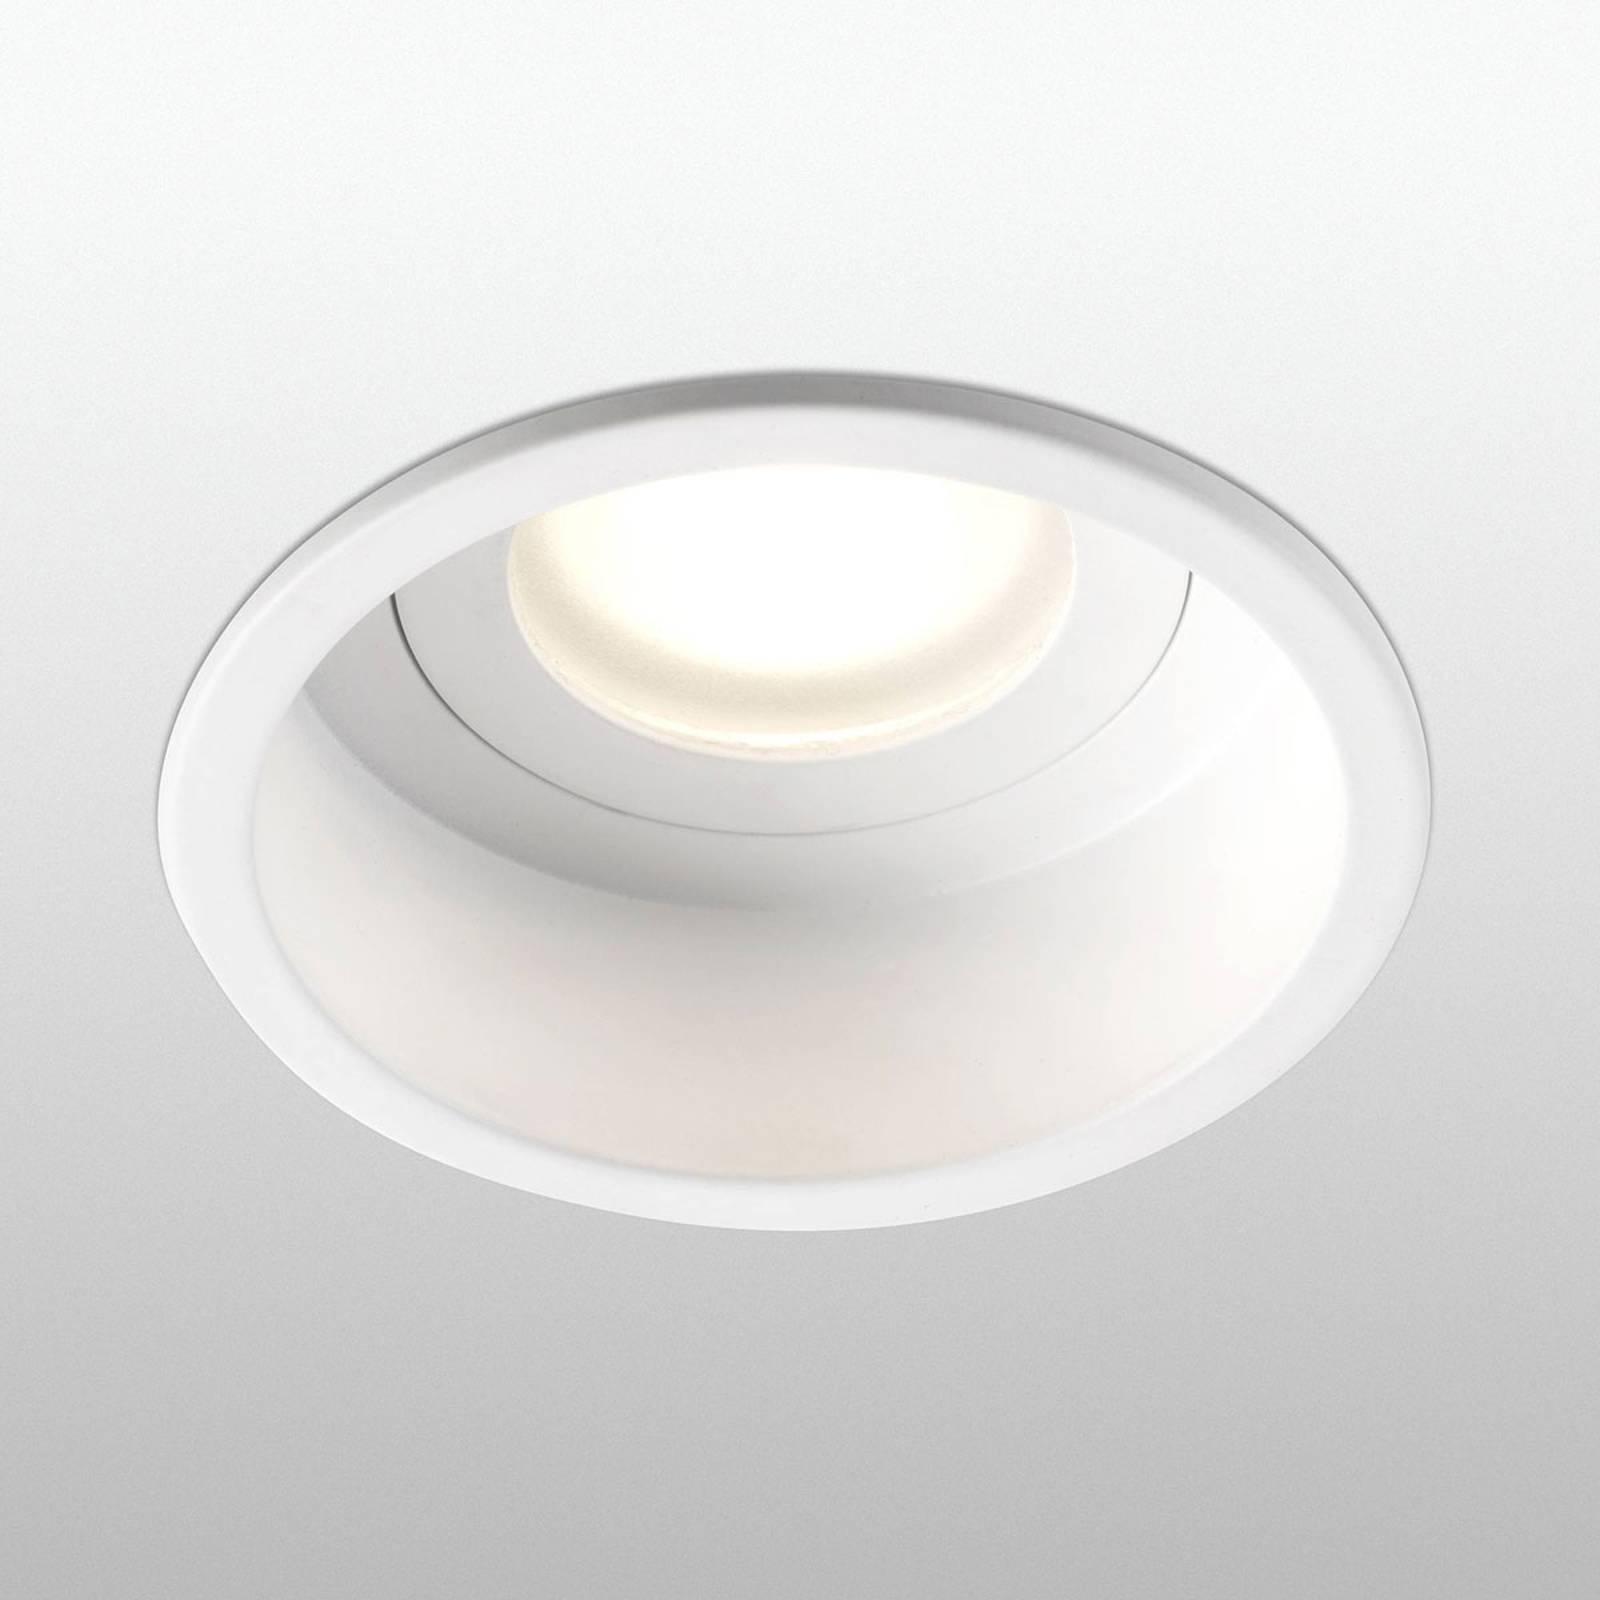 Uppokohdevalo Hyde 1-lamp. pyöreä IP44 valkoinen